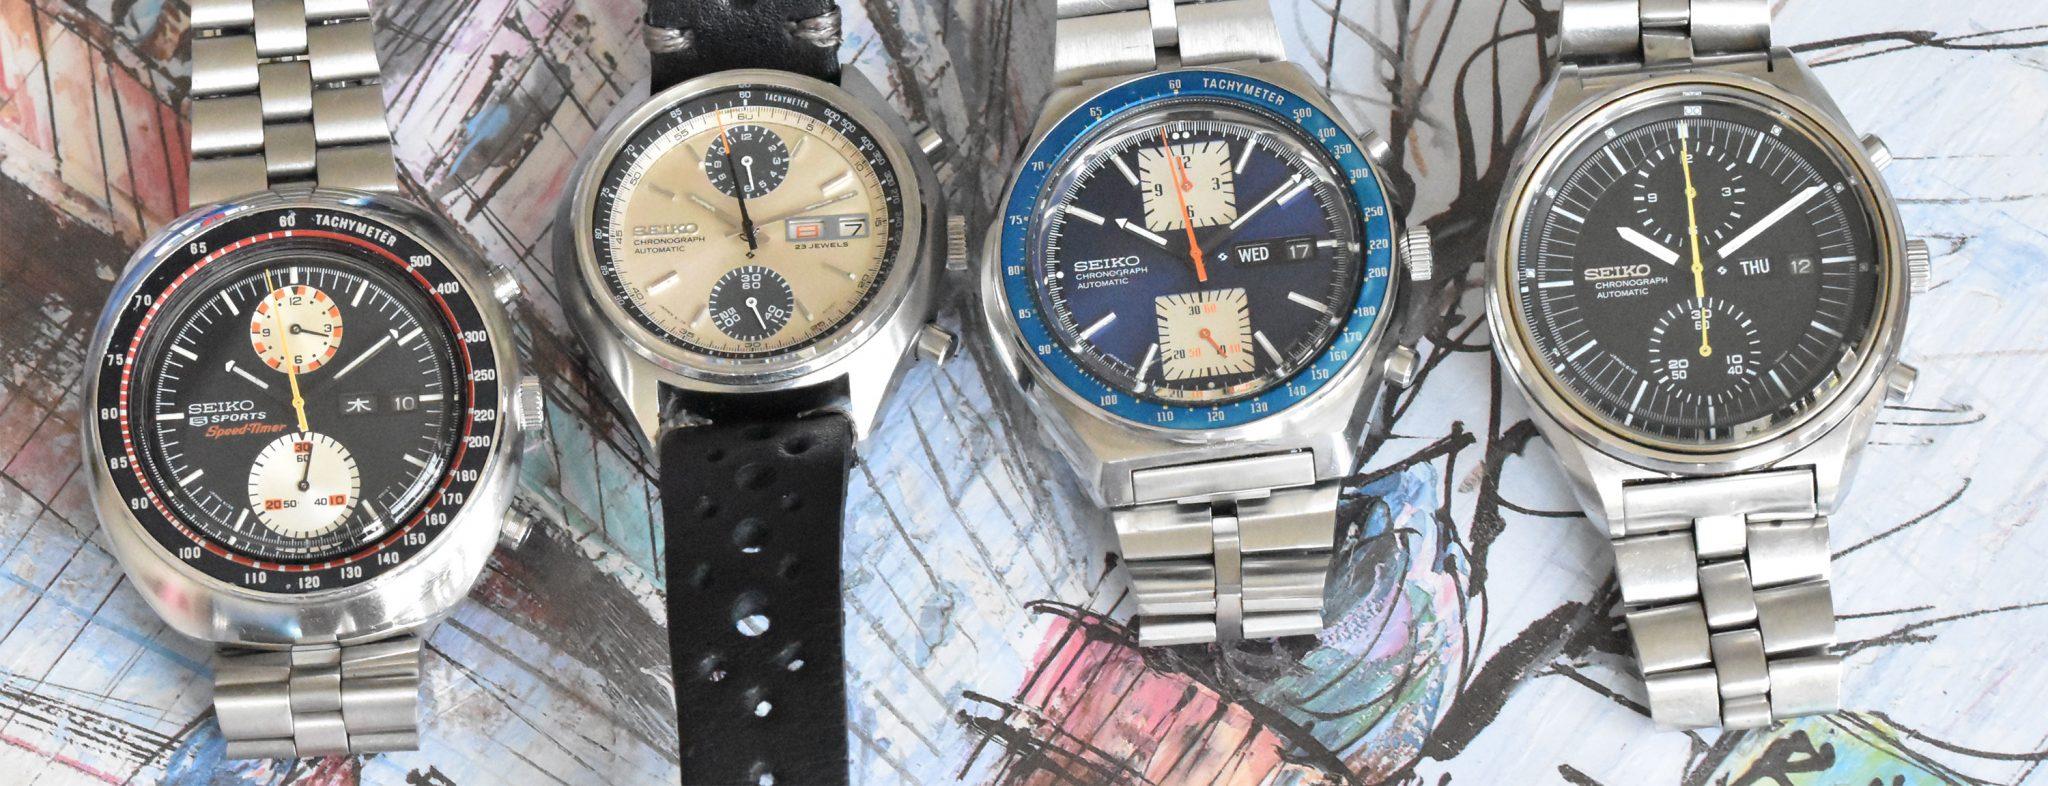 Seiko 6138 Vintage Chronographs